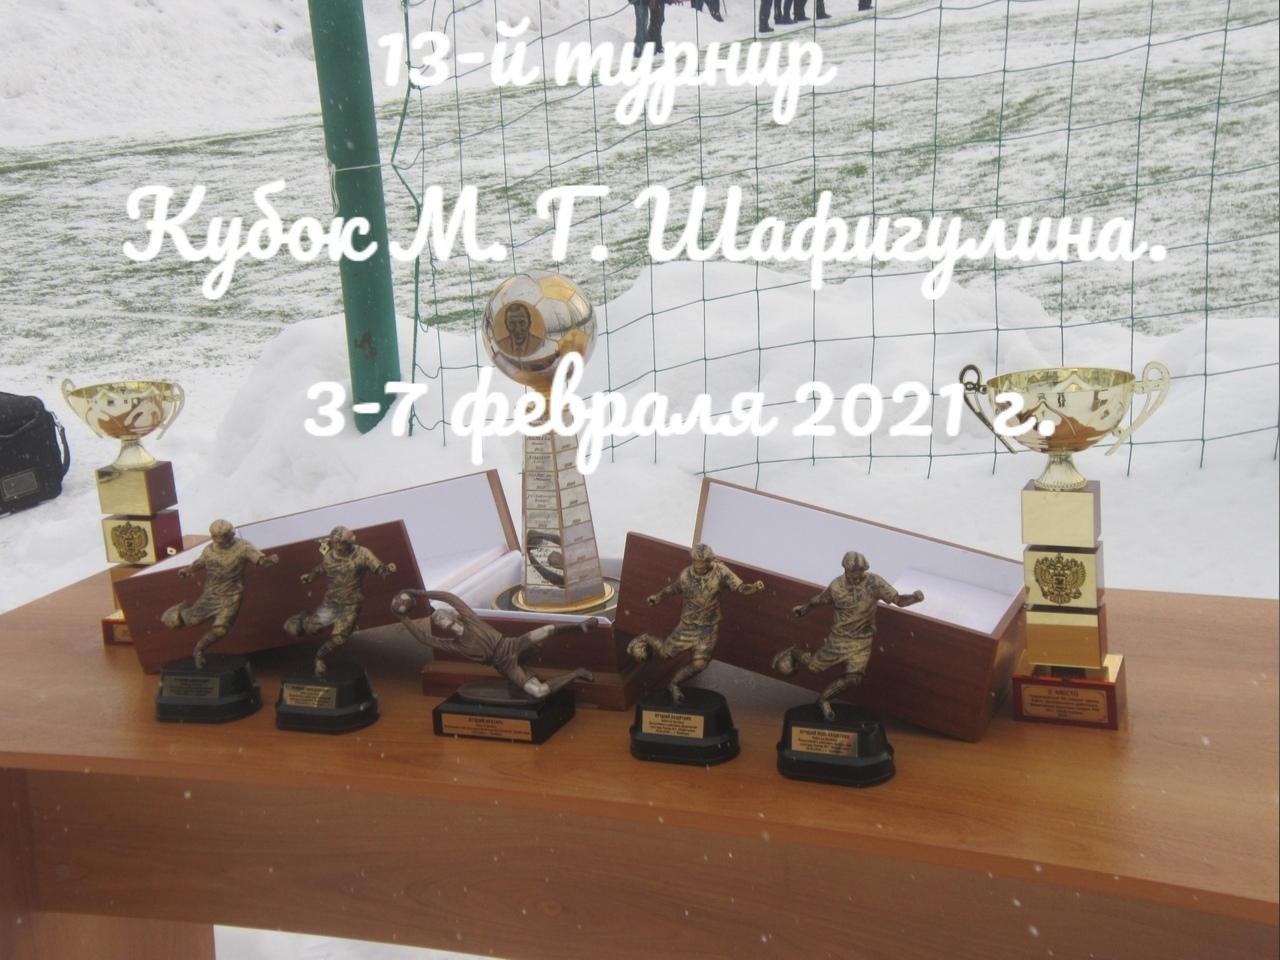 Кубок М.Г. Шафигулина - 2021